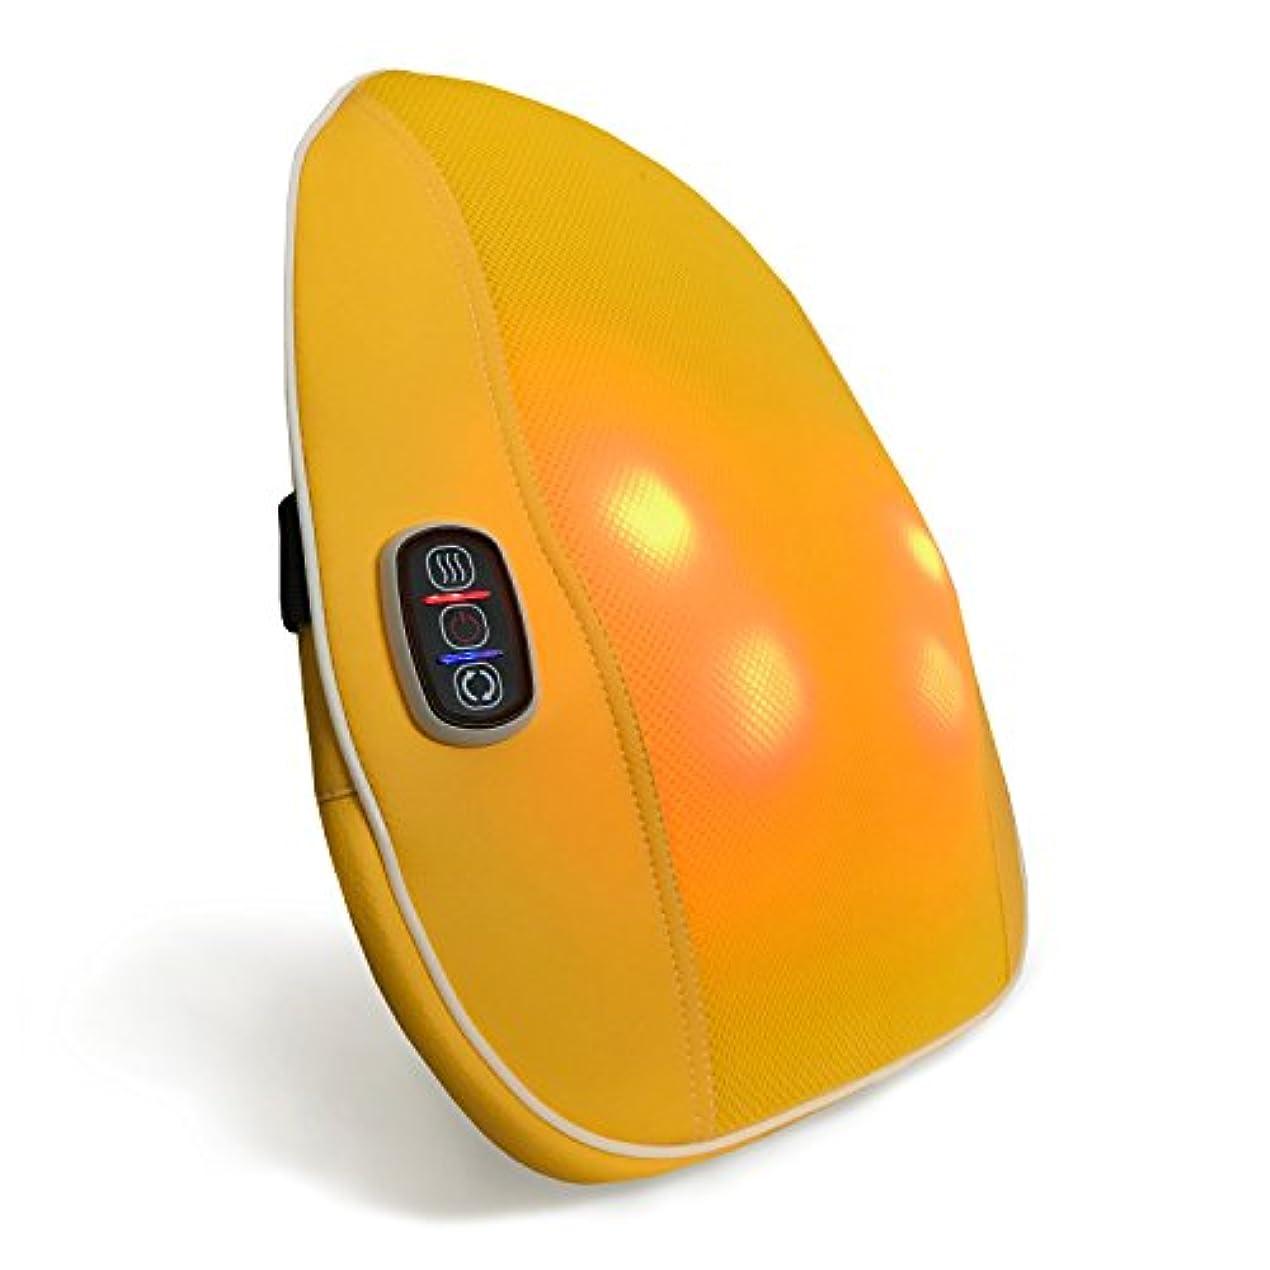 肺炎生き残り変動するクロシオ スマートマッサージャー パプリカ イエロー 幅40cm 厚み9cm もみ玉式マッサージ器 薄型 簡単操作 マッサージクッション